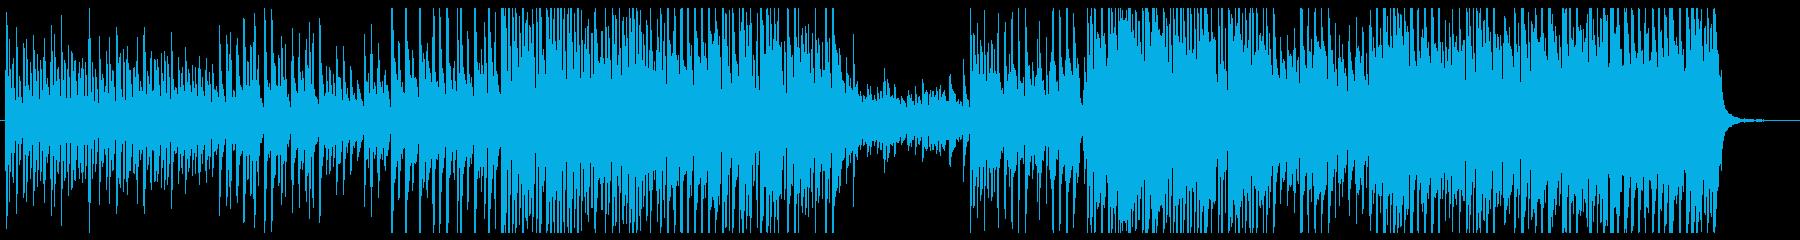 ピアノアコースティック少し電子音切ないの再生済みの波形